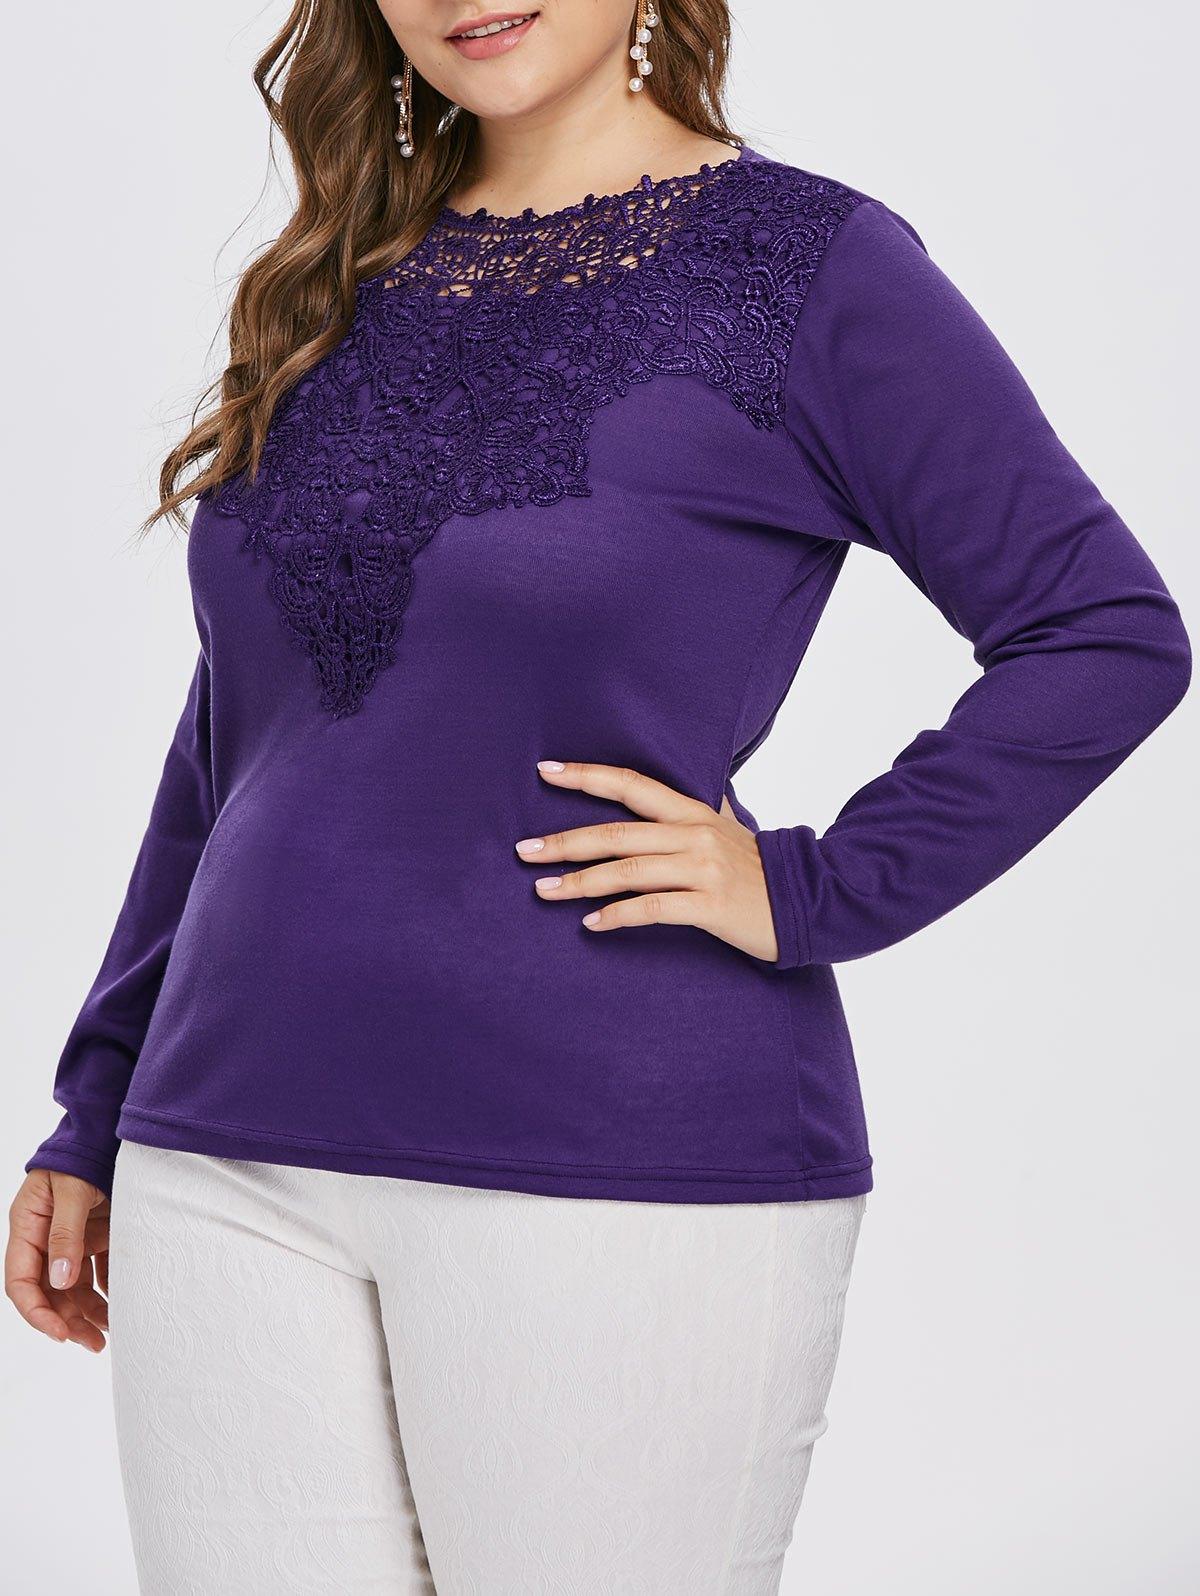 Long Sleeve Lace Applique Plus Size T-shirt